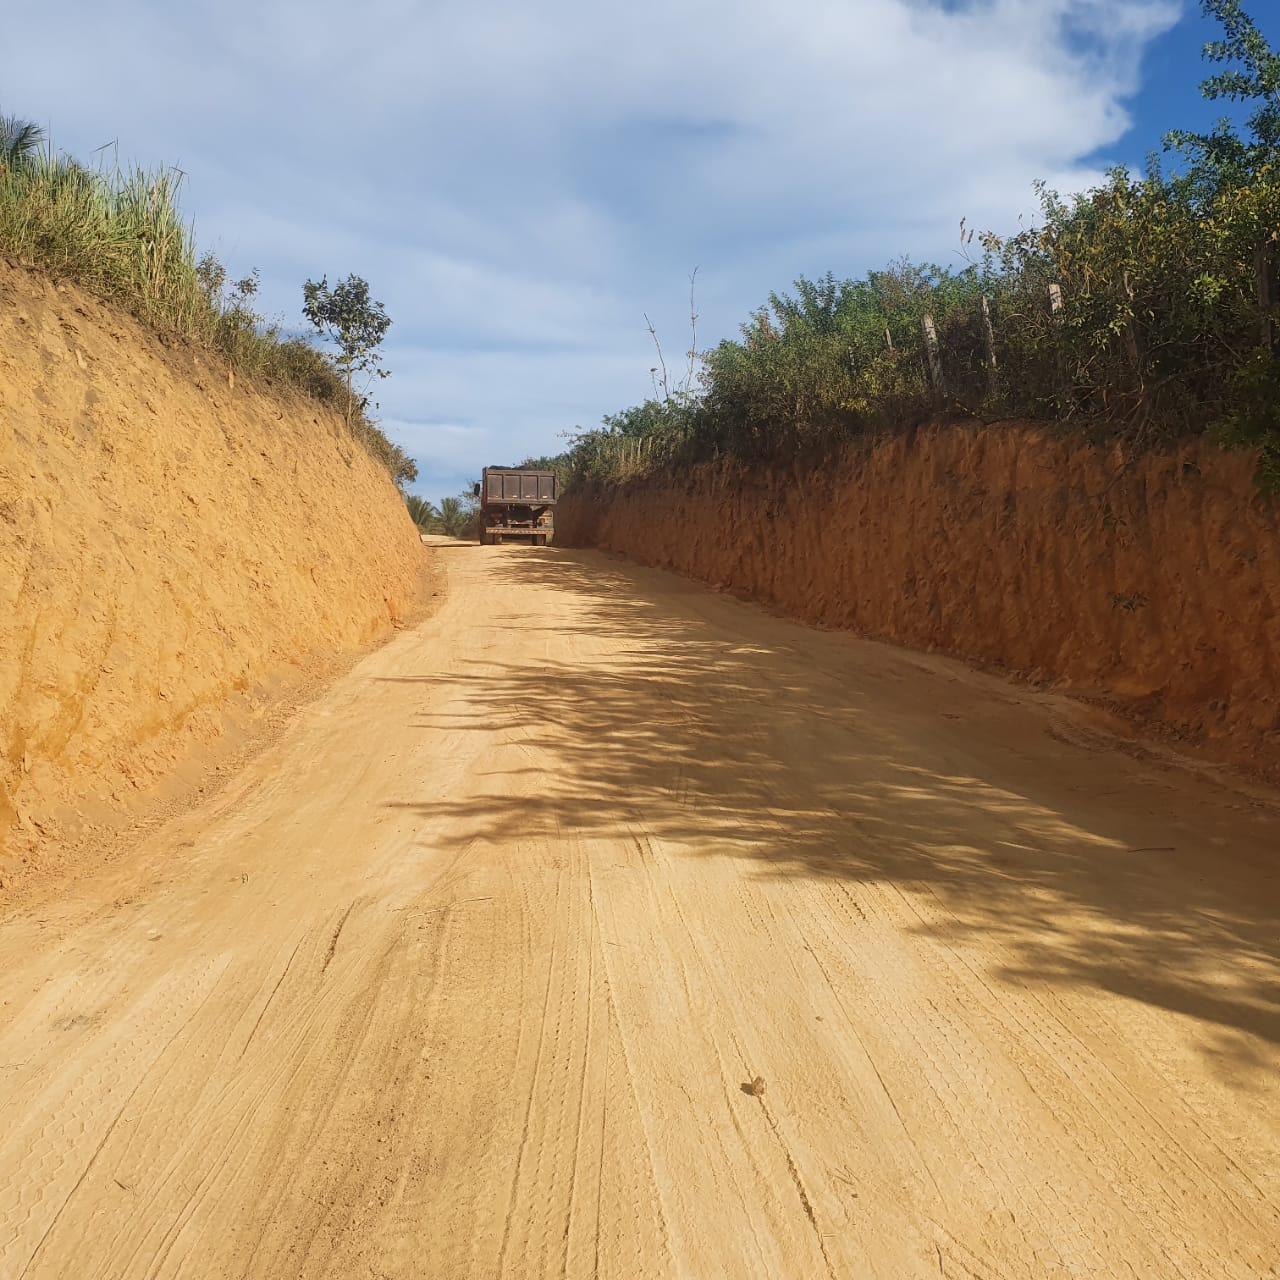 PREFEITURA DE SÃO MATEUS RESOLVE PROBLEMA QUE AFLIGIA AGRICULTORES DO KM 20 HÁ 30 ANOS